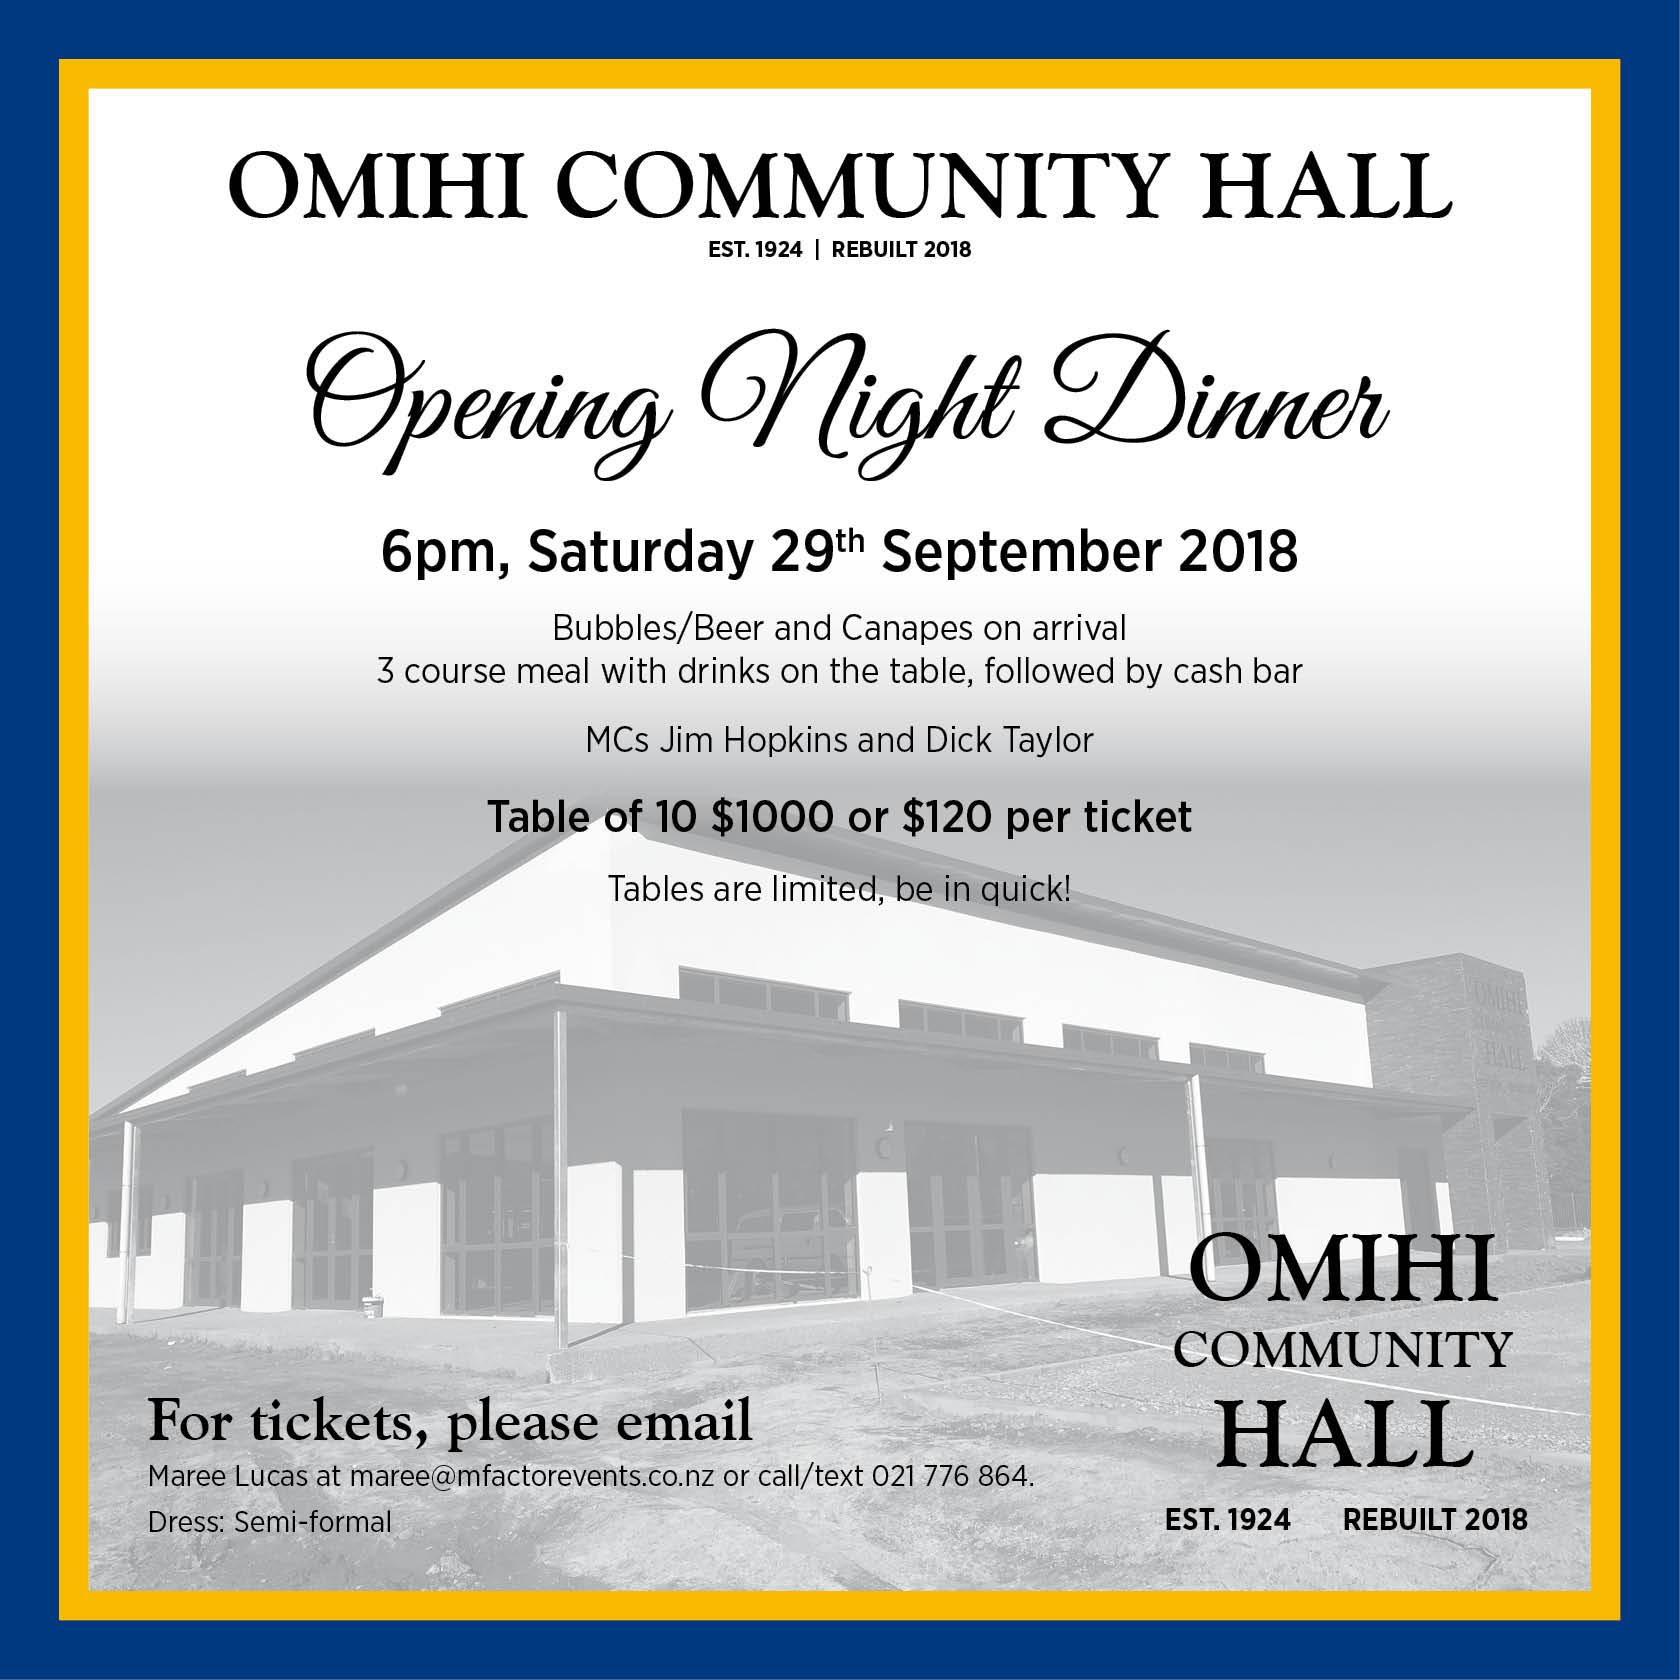 180226 - Omihi Hall Invitation FB.jpg